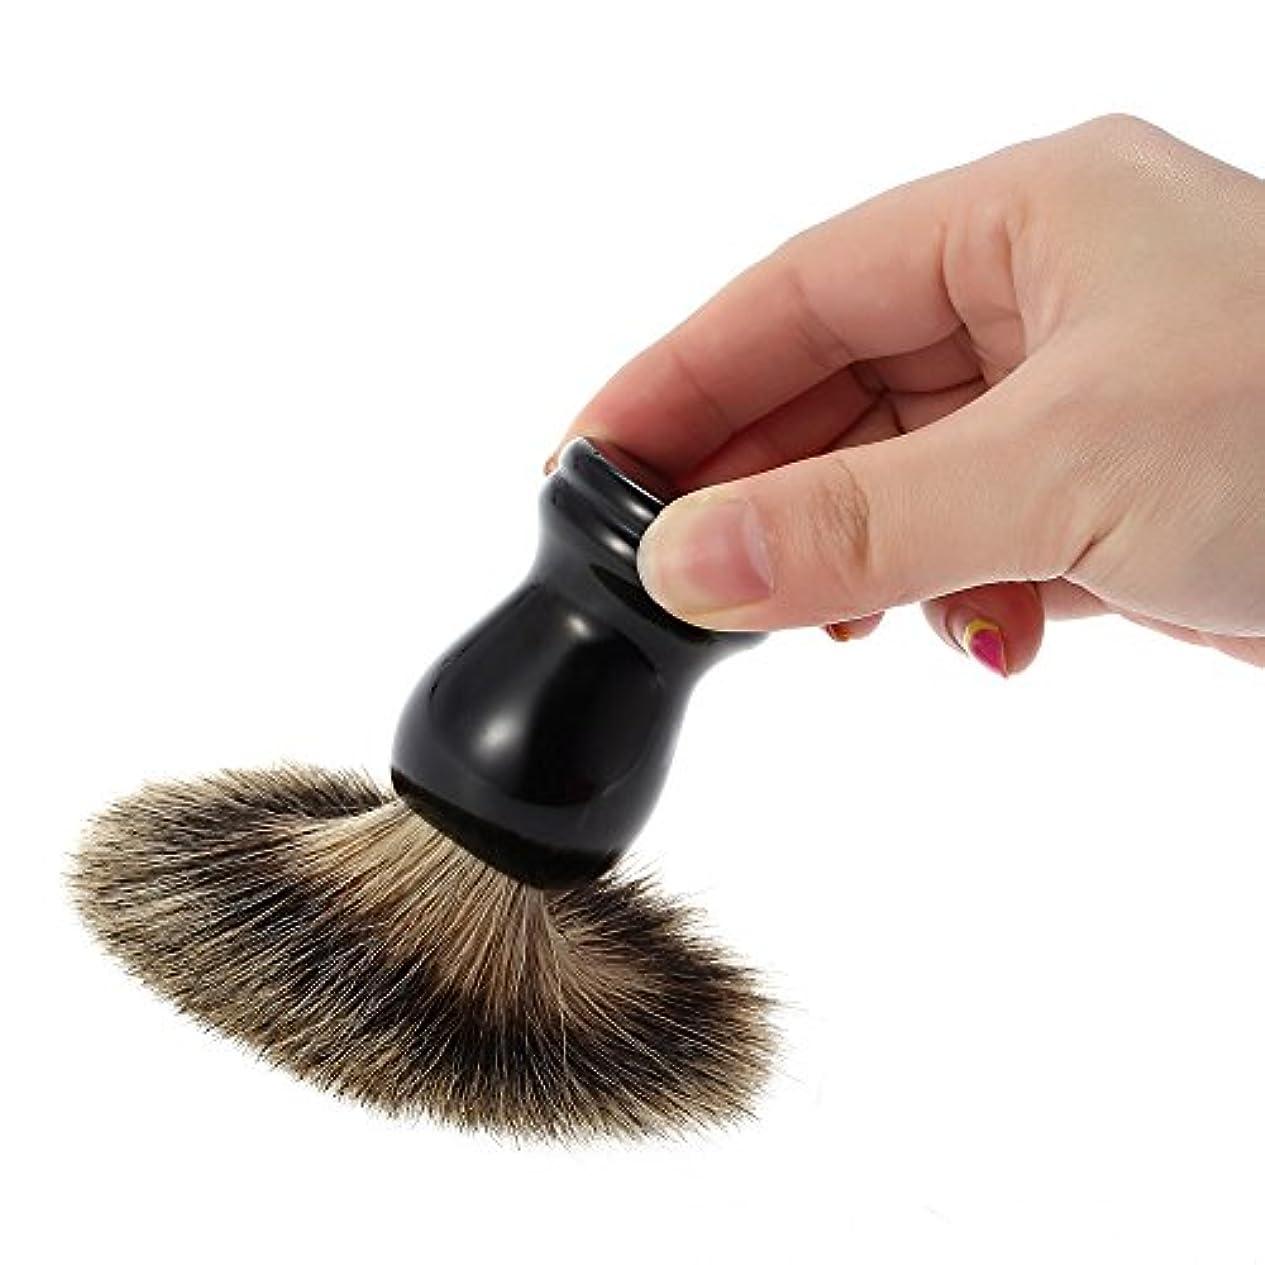 絶妙知事愚かなシェービング用ブラシ  メンズ 100% アナグマ毛   理容 洗顔 髭剃り 泡立ち